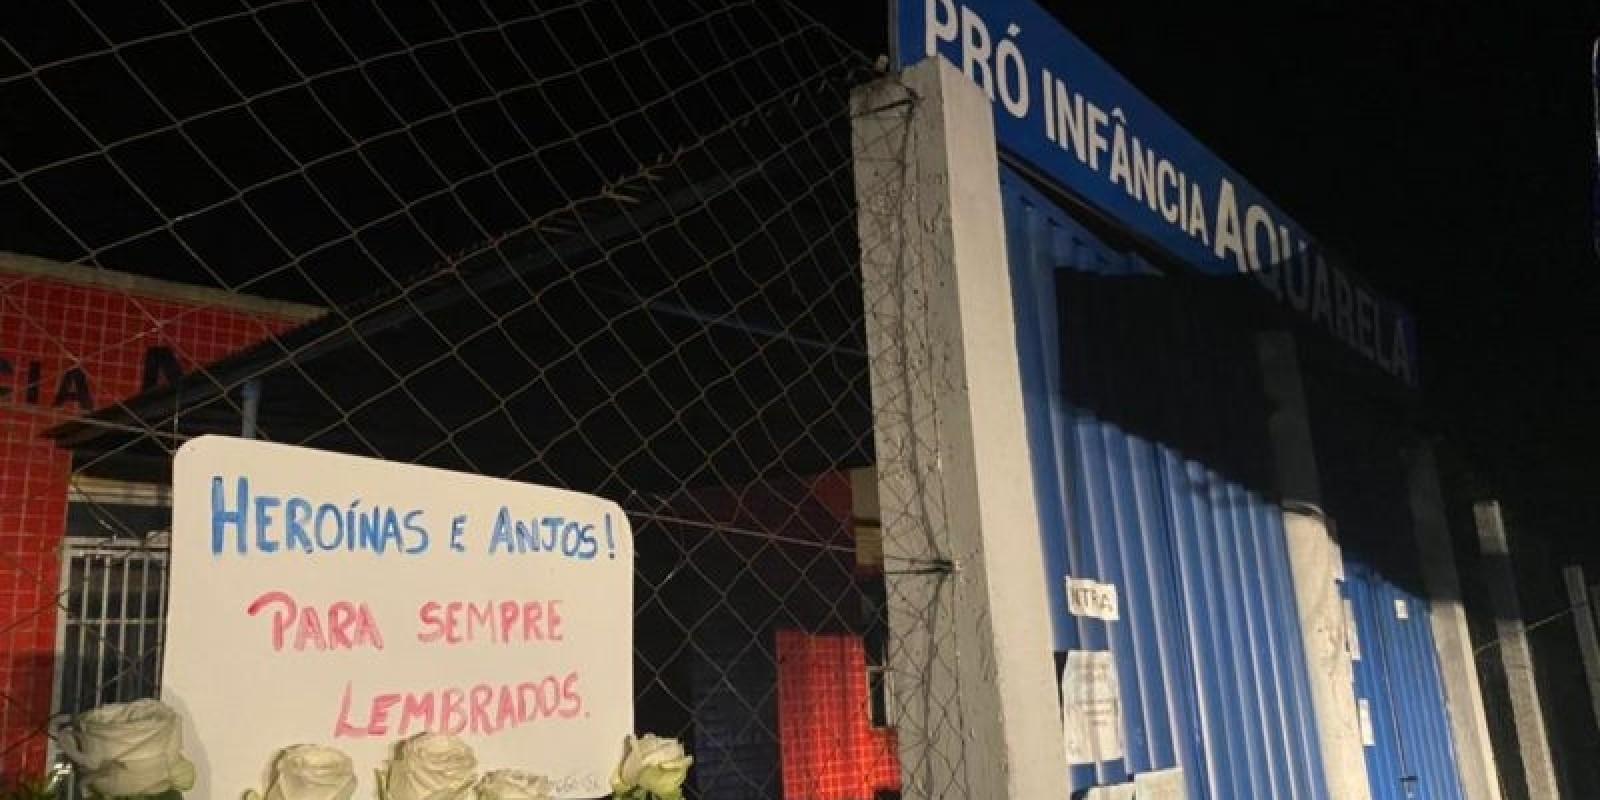 Arma de R$ 5 mil, bullying e frieza: o que se sabe sobre o atentado em creche de SC